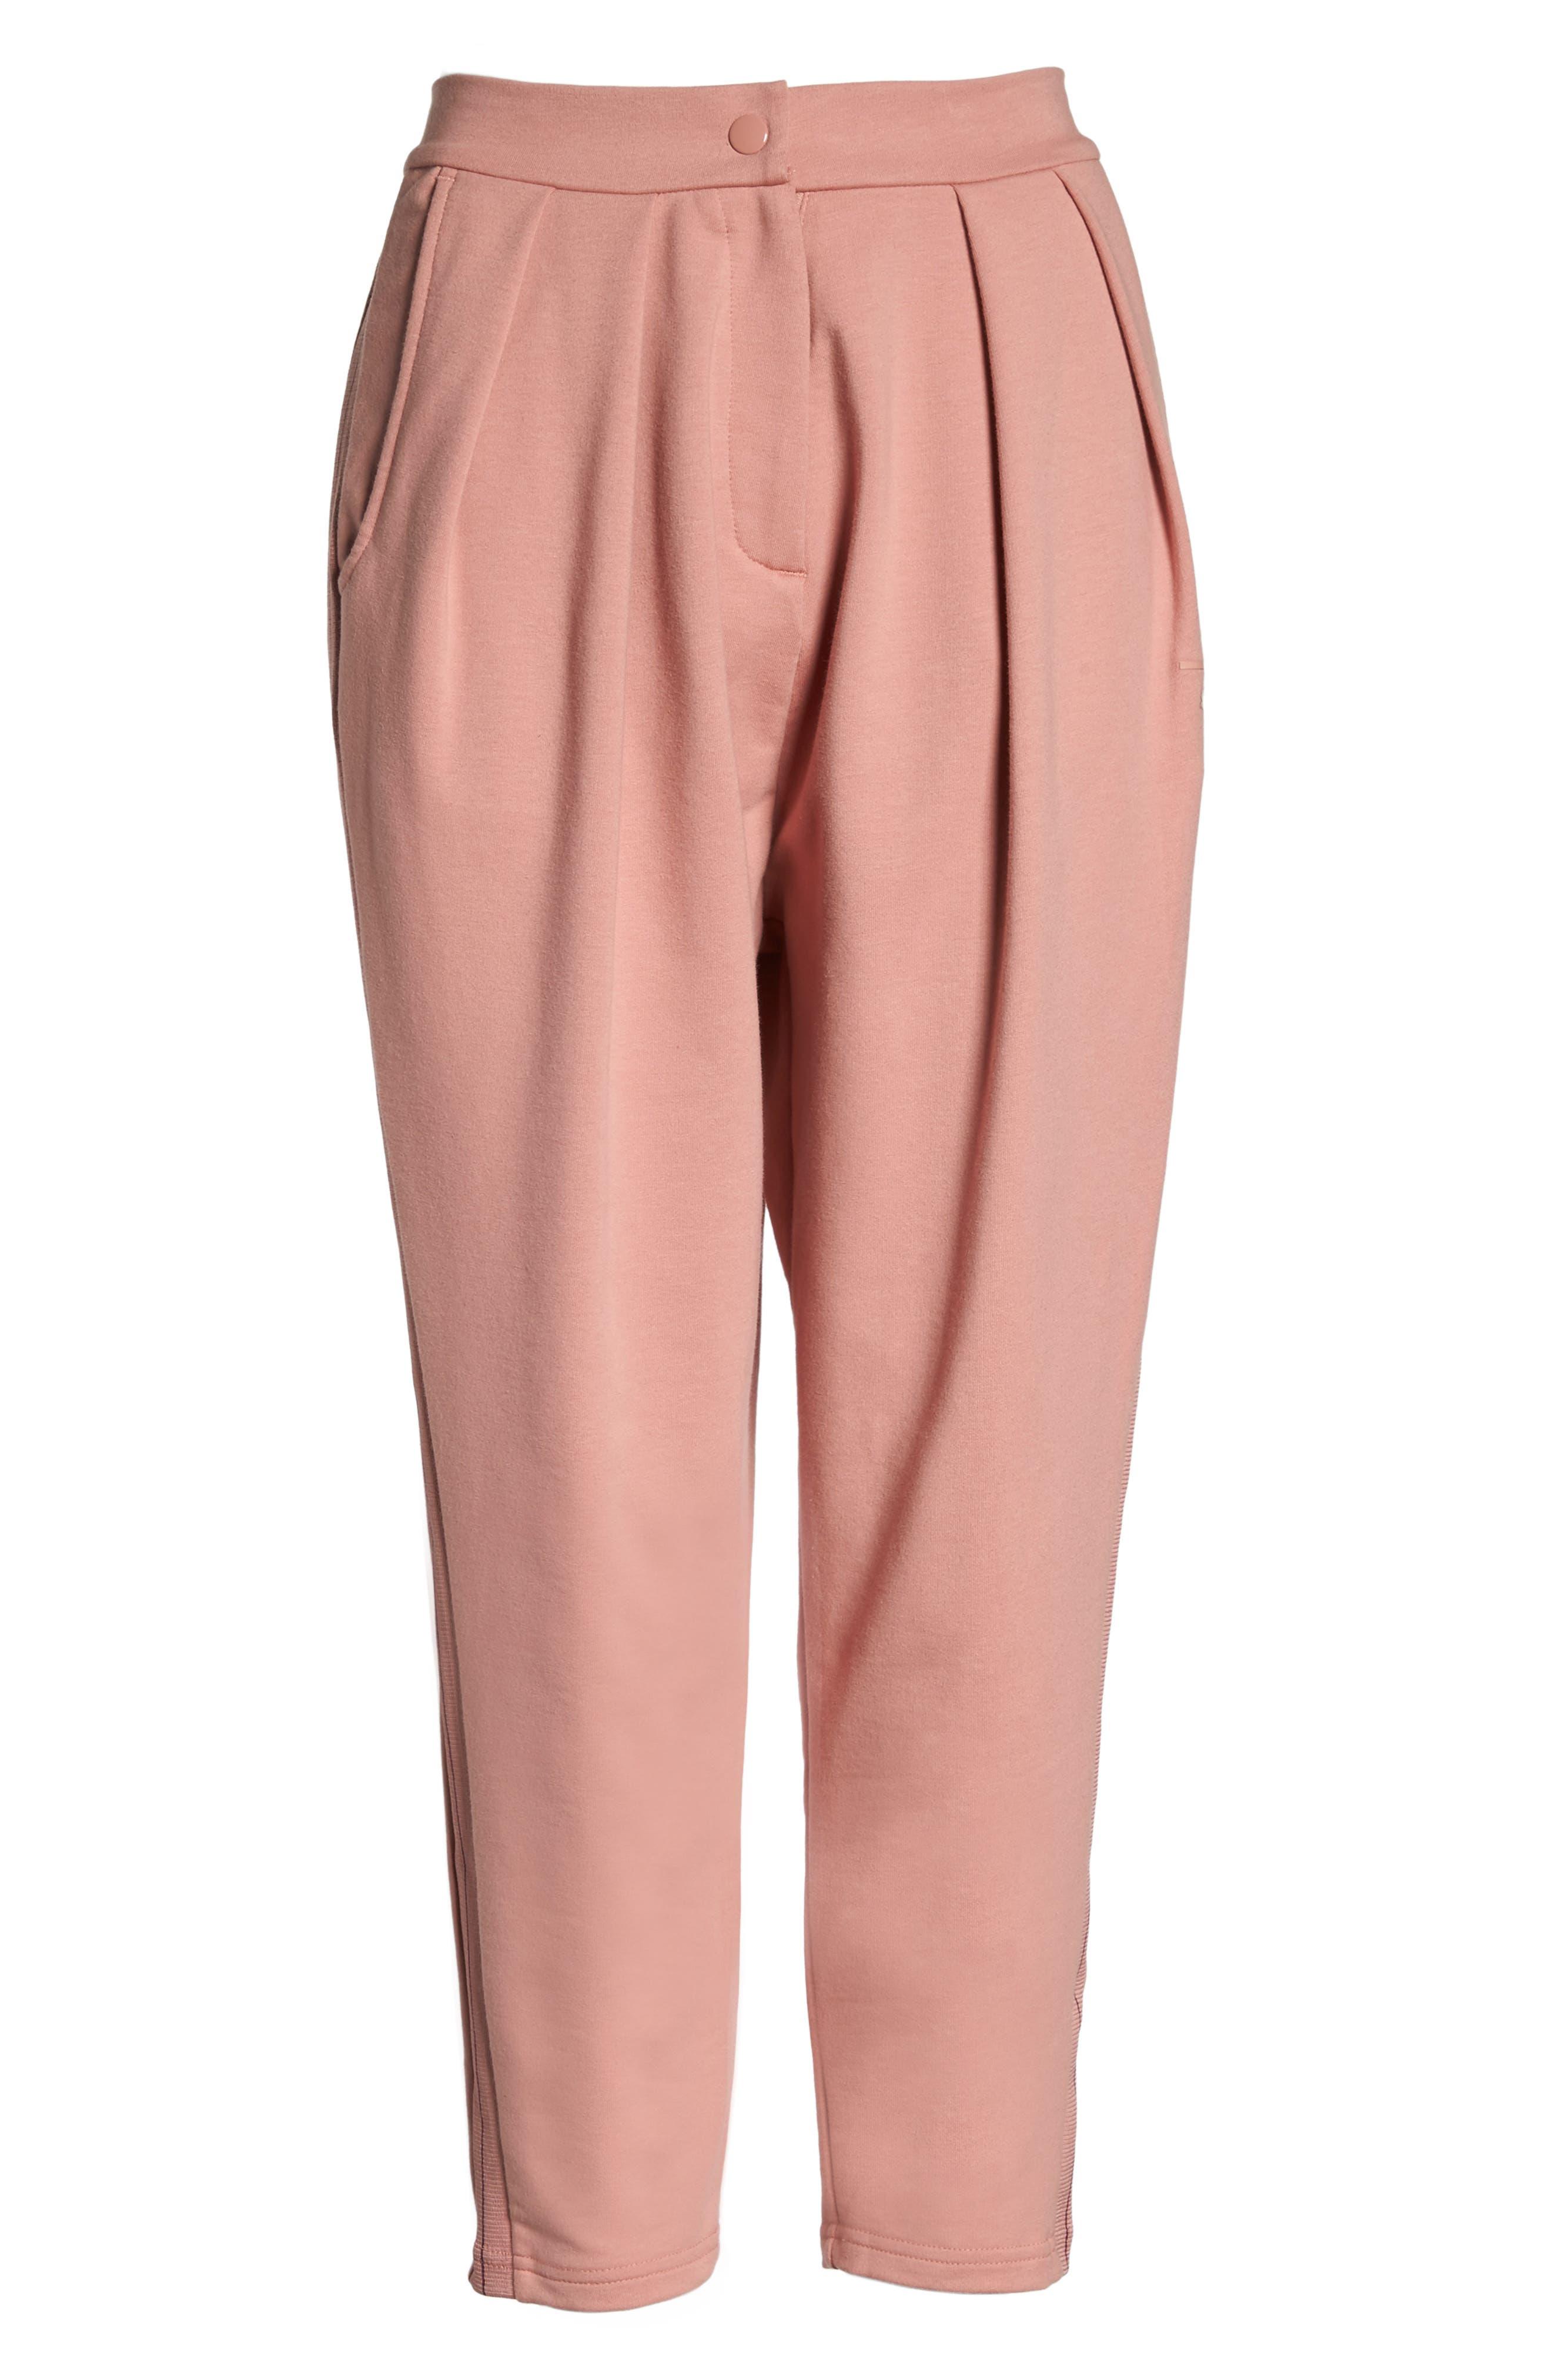 Trouser Sweatpants,                             Alternate thumbnail 13, color,